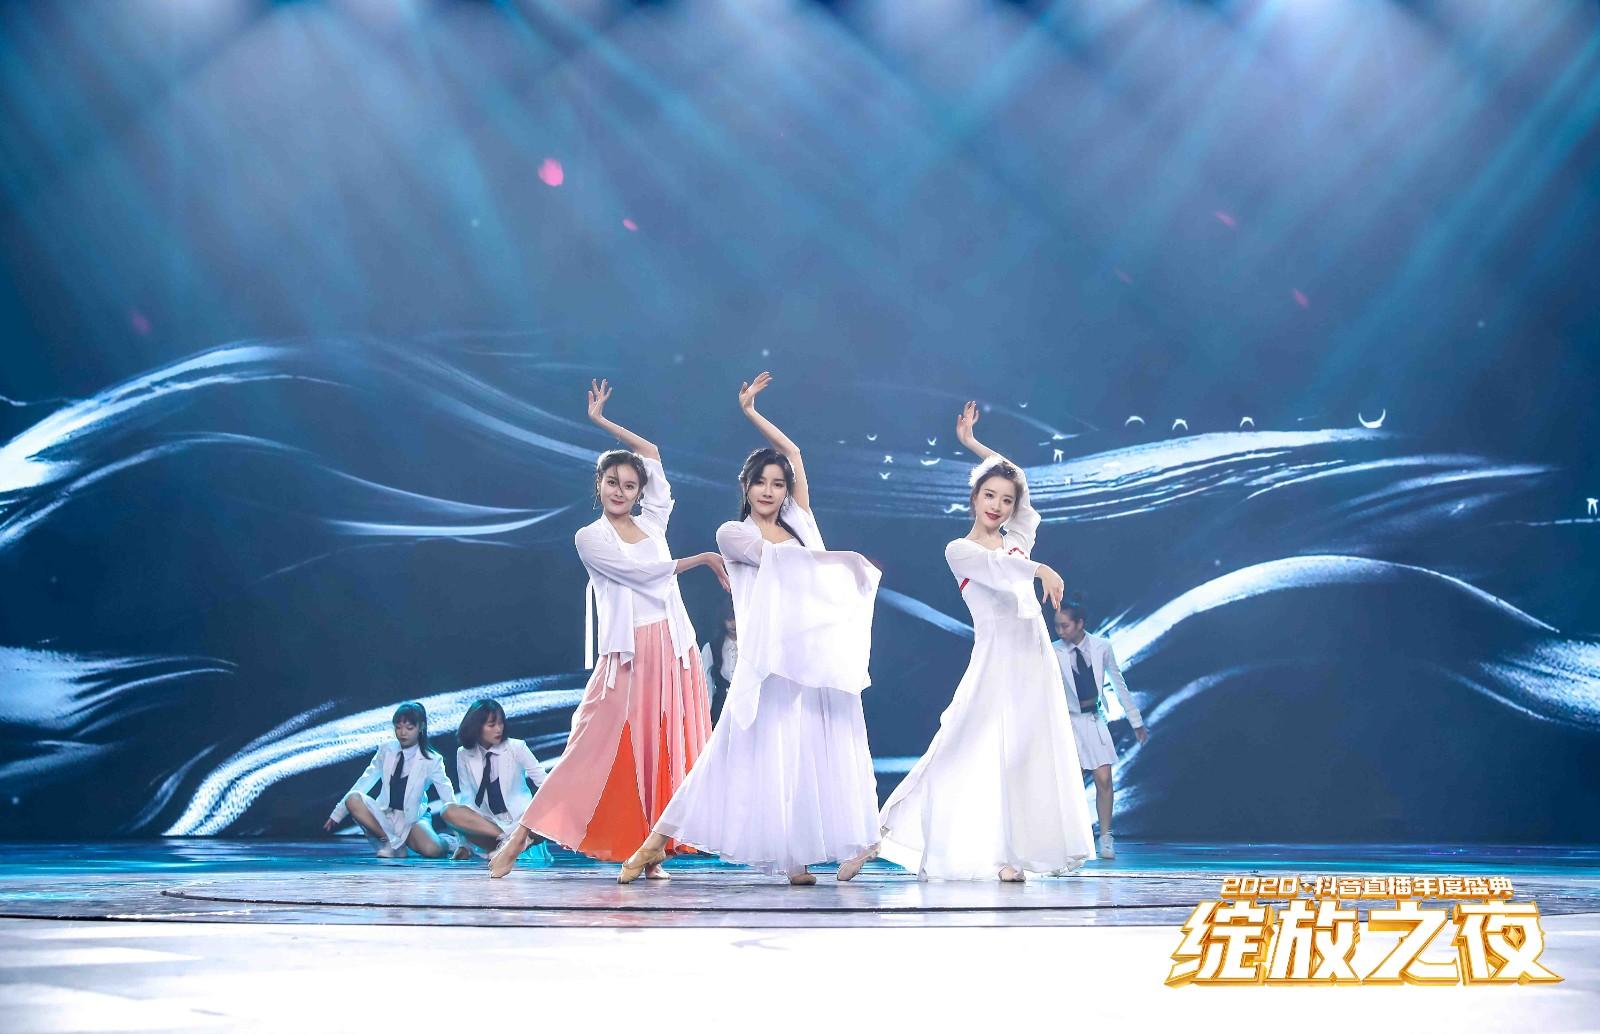 2020抖音直播盛典圆满落幕,OST传媒旗下艺人斩获年度巅峰赛等多类大奖第14张